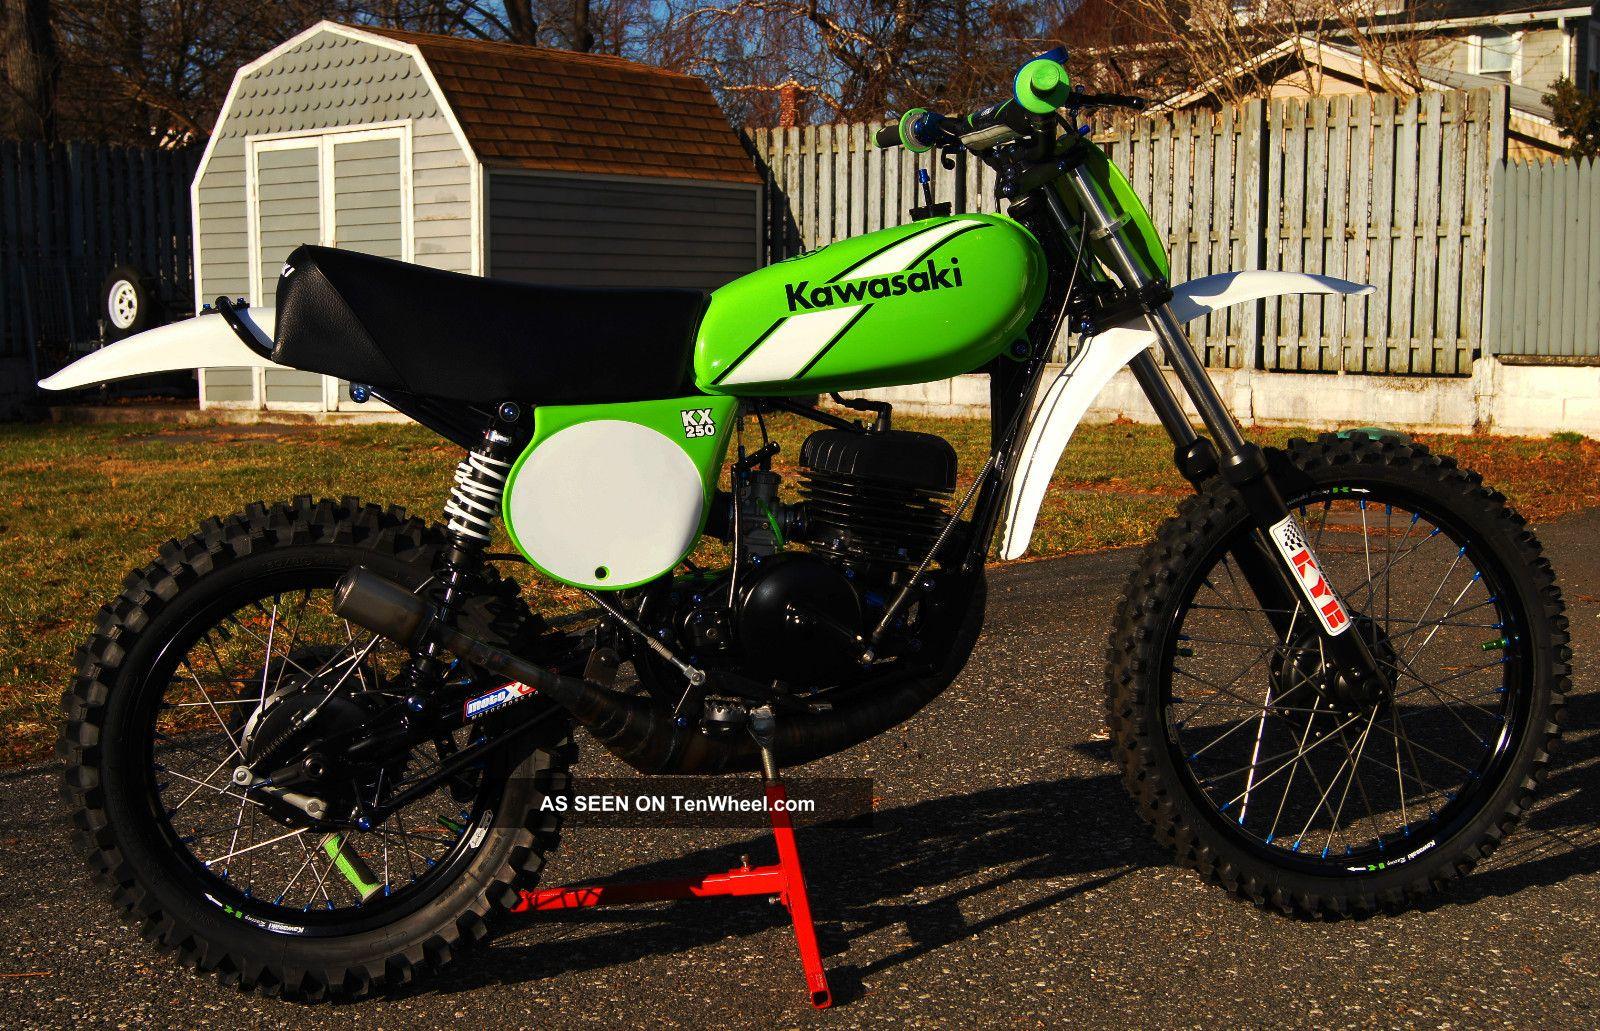 Ahrma Vintage Motocross 27